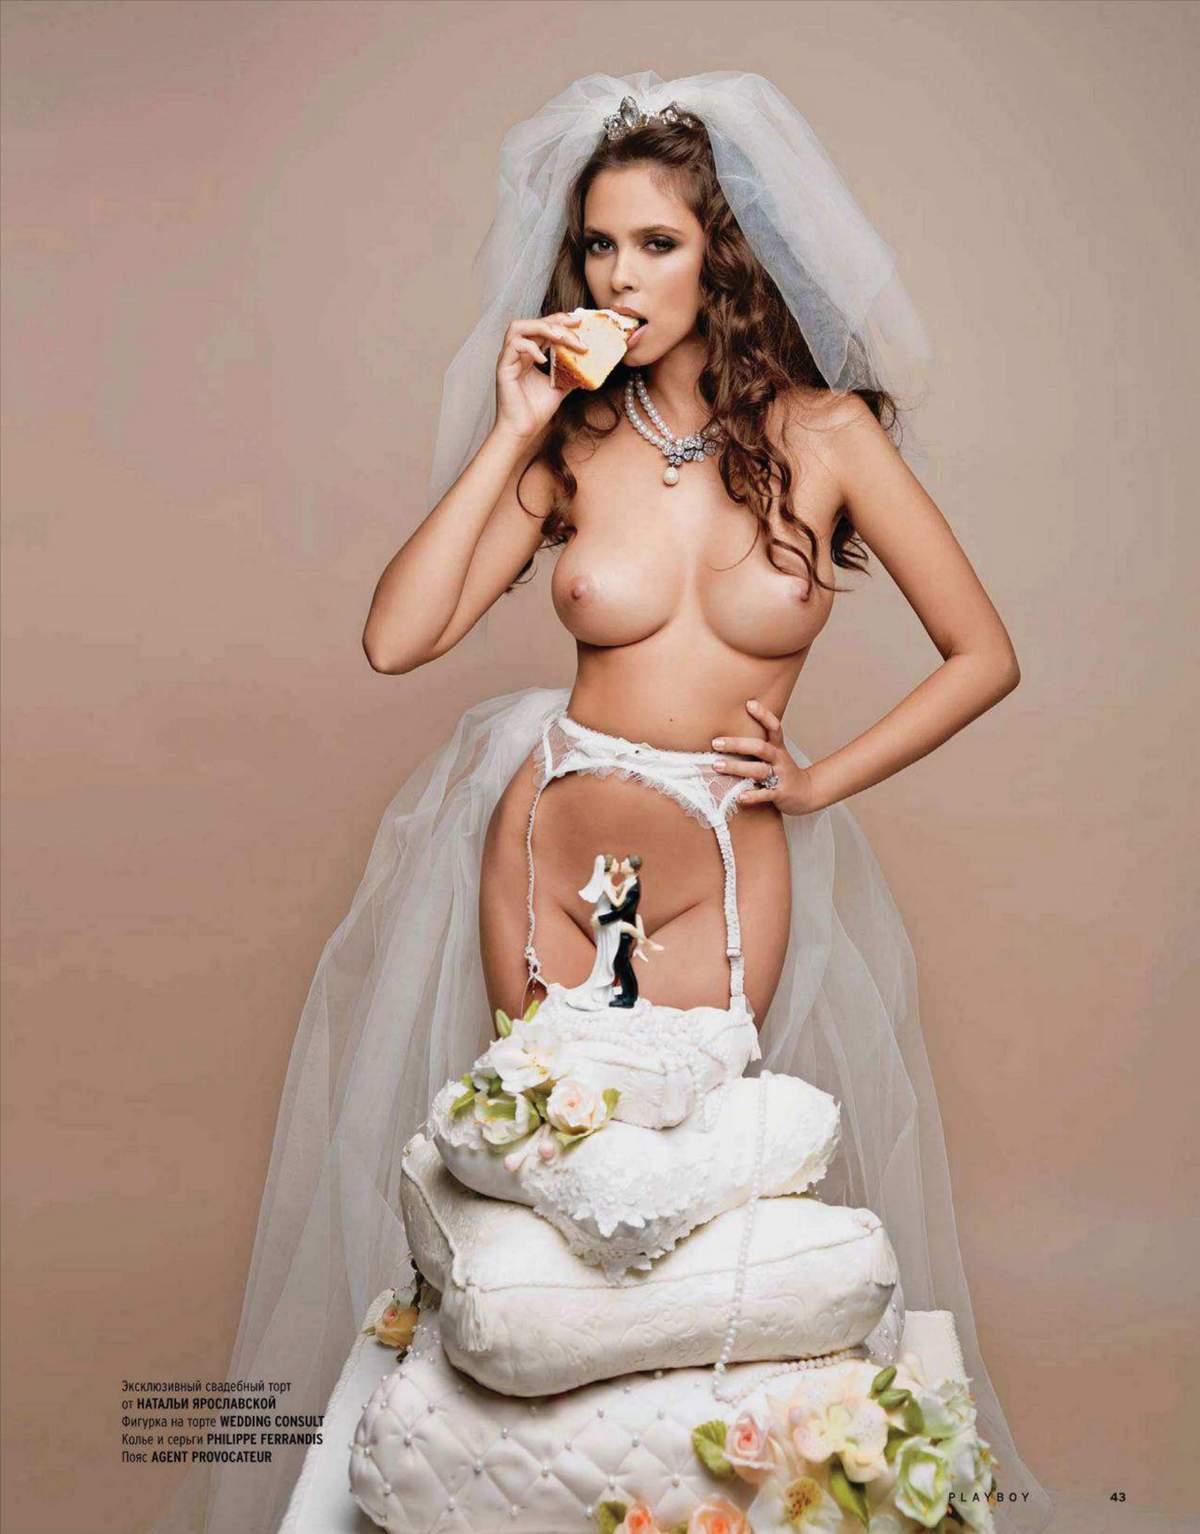 сзади голая девушка с тортом в руках здорового, полного